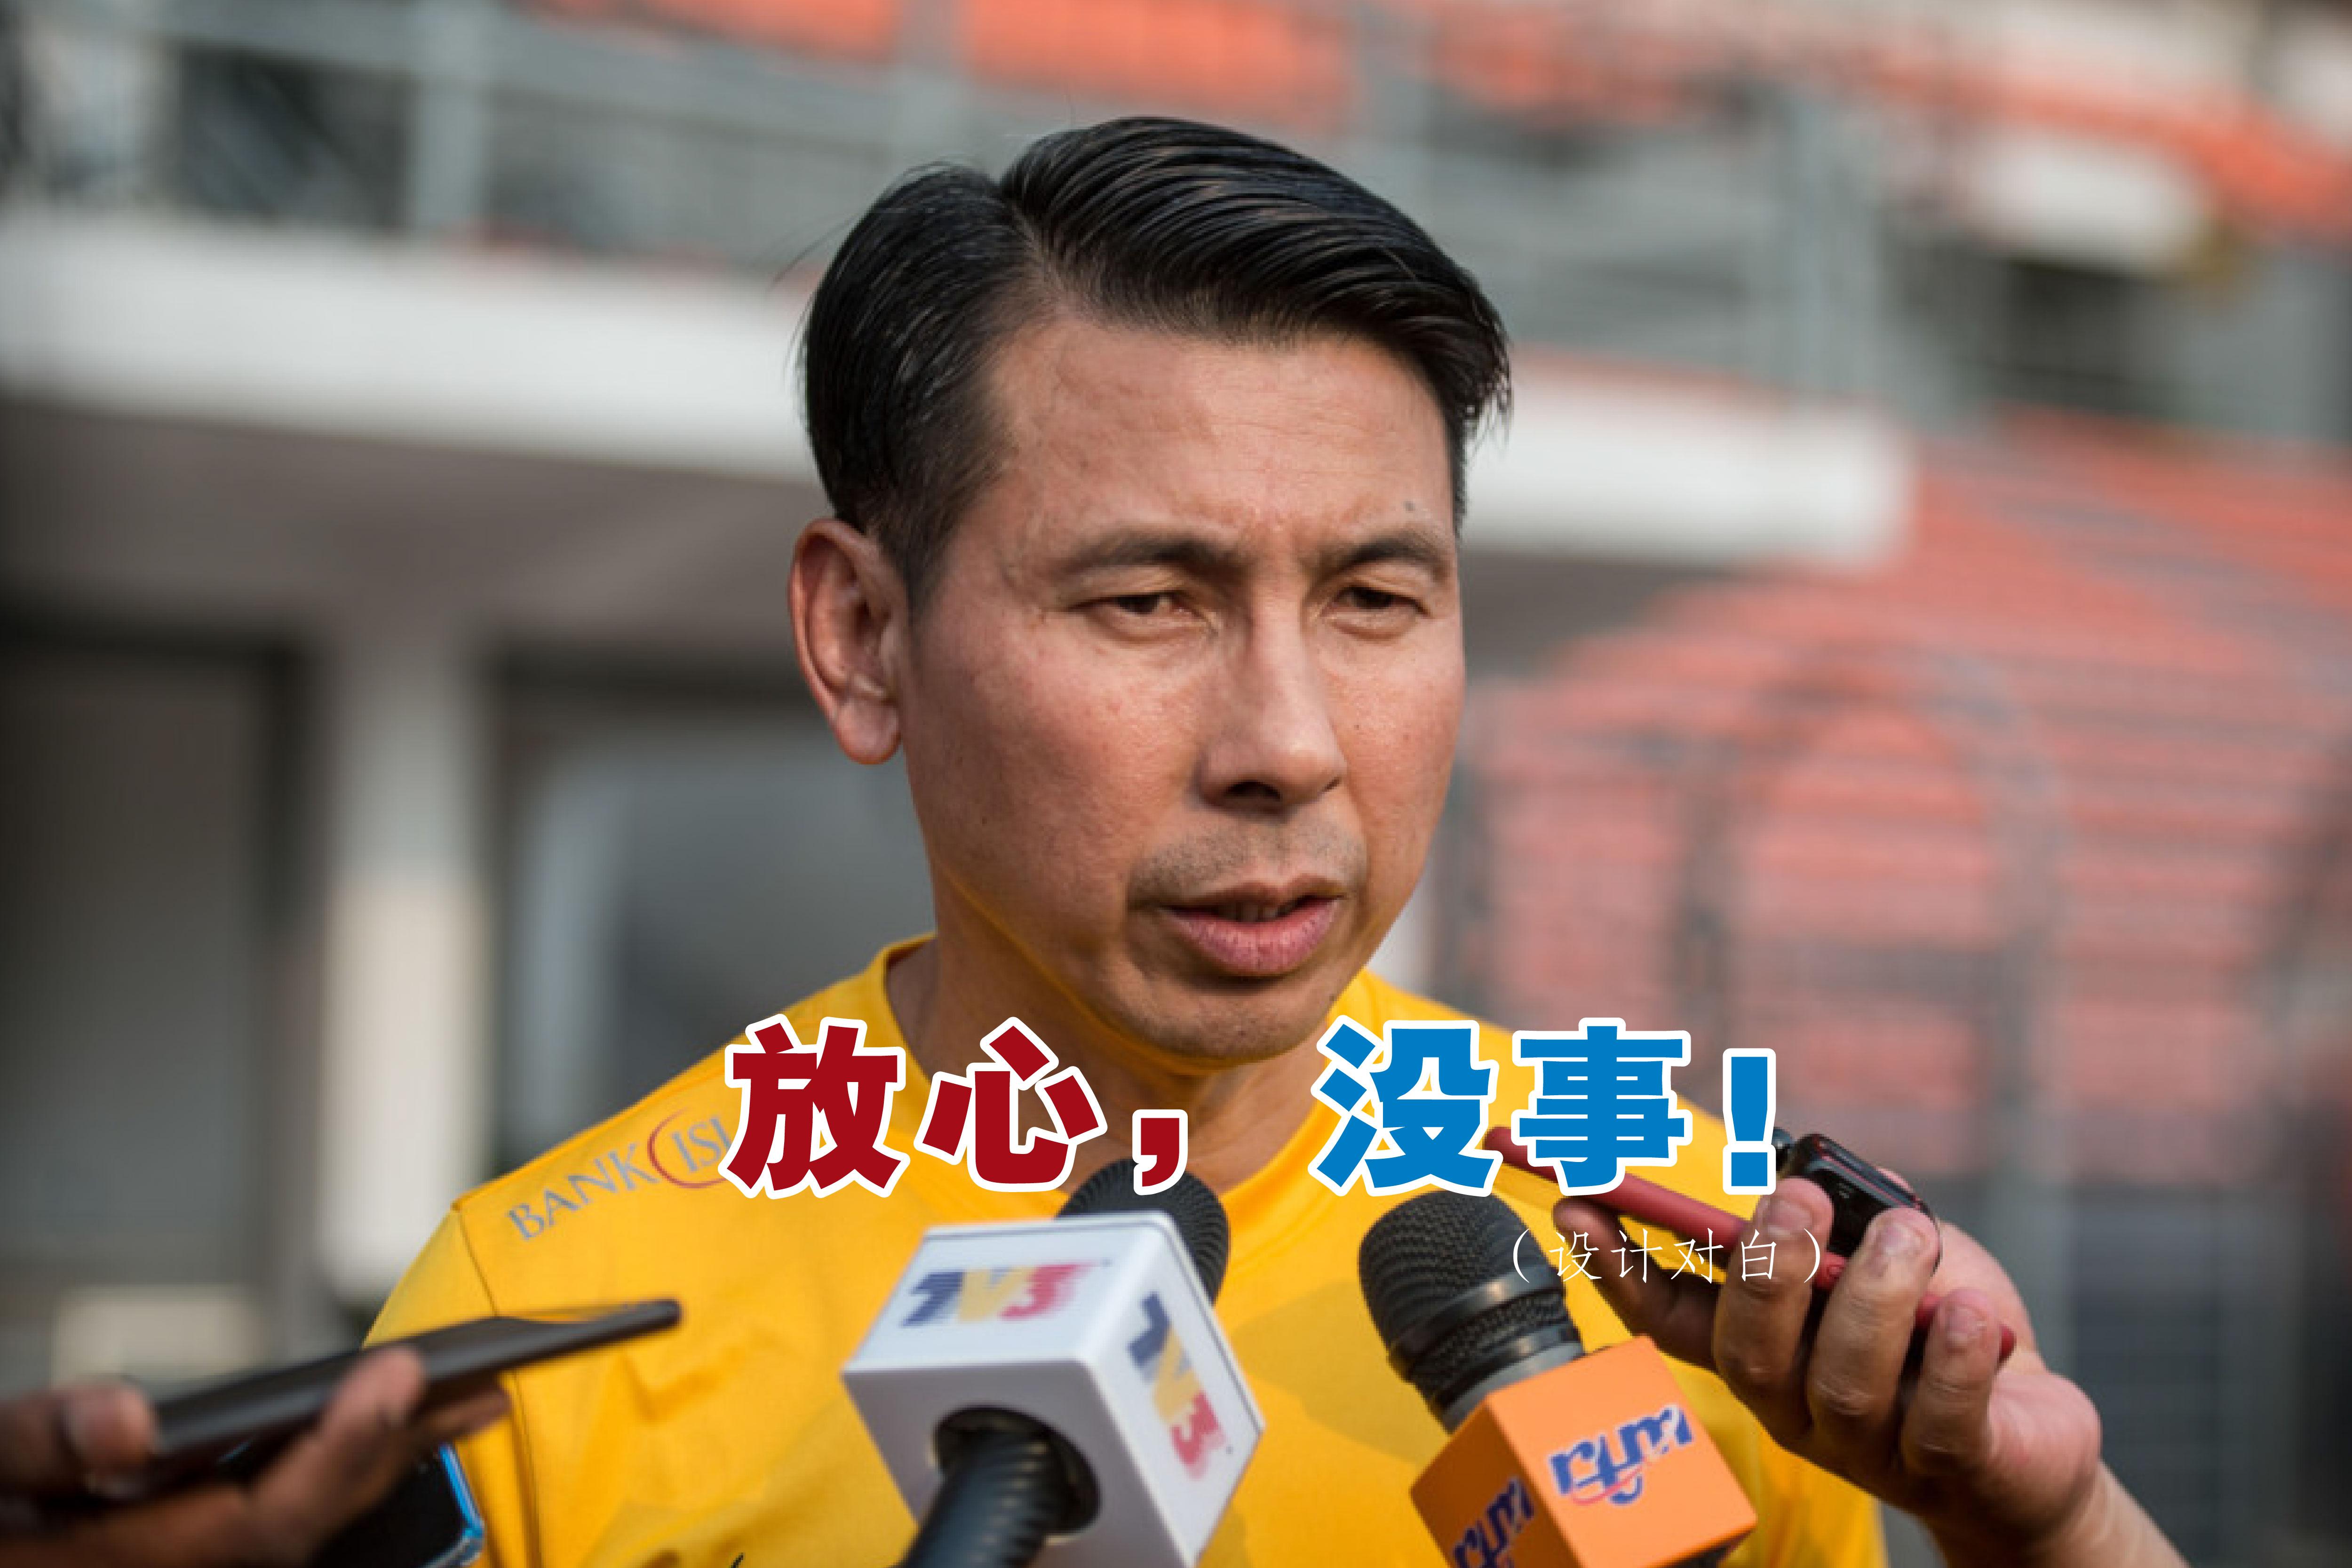 陈清和表示现在马来虎队内的气氛融洽,大家士气高昂。-马新社/精彩大马制图-